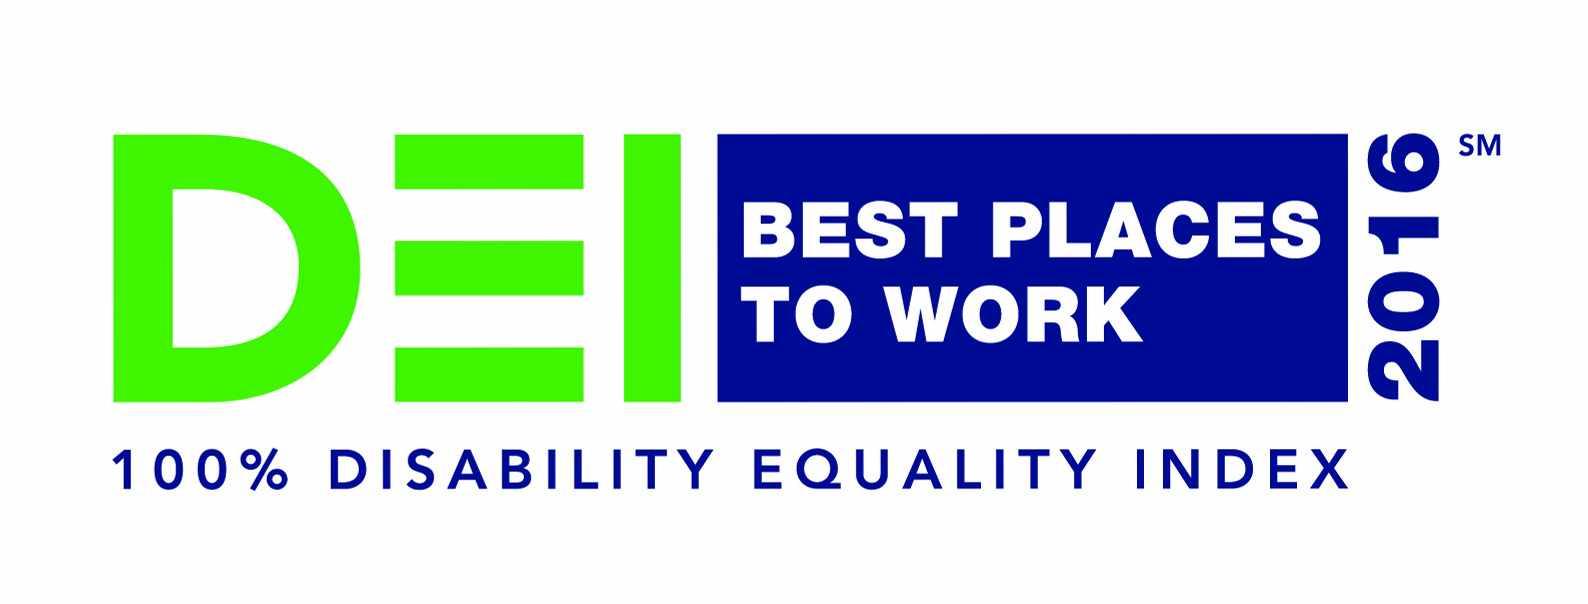 Disability Equality Index logo